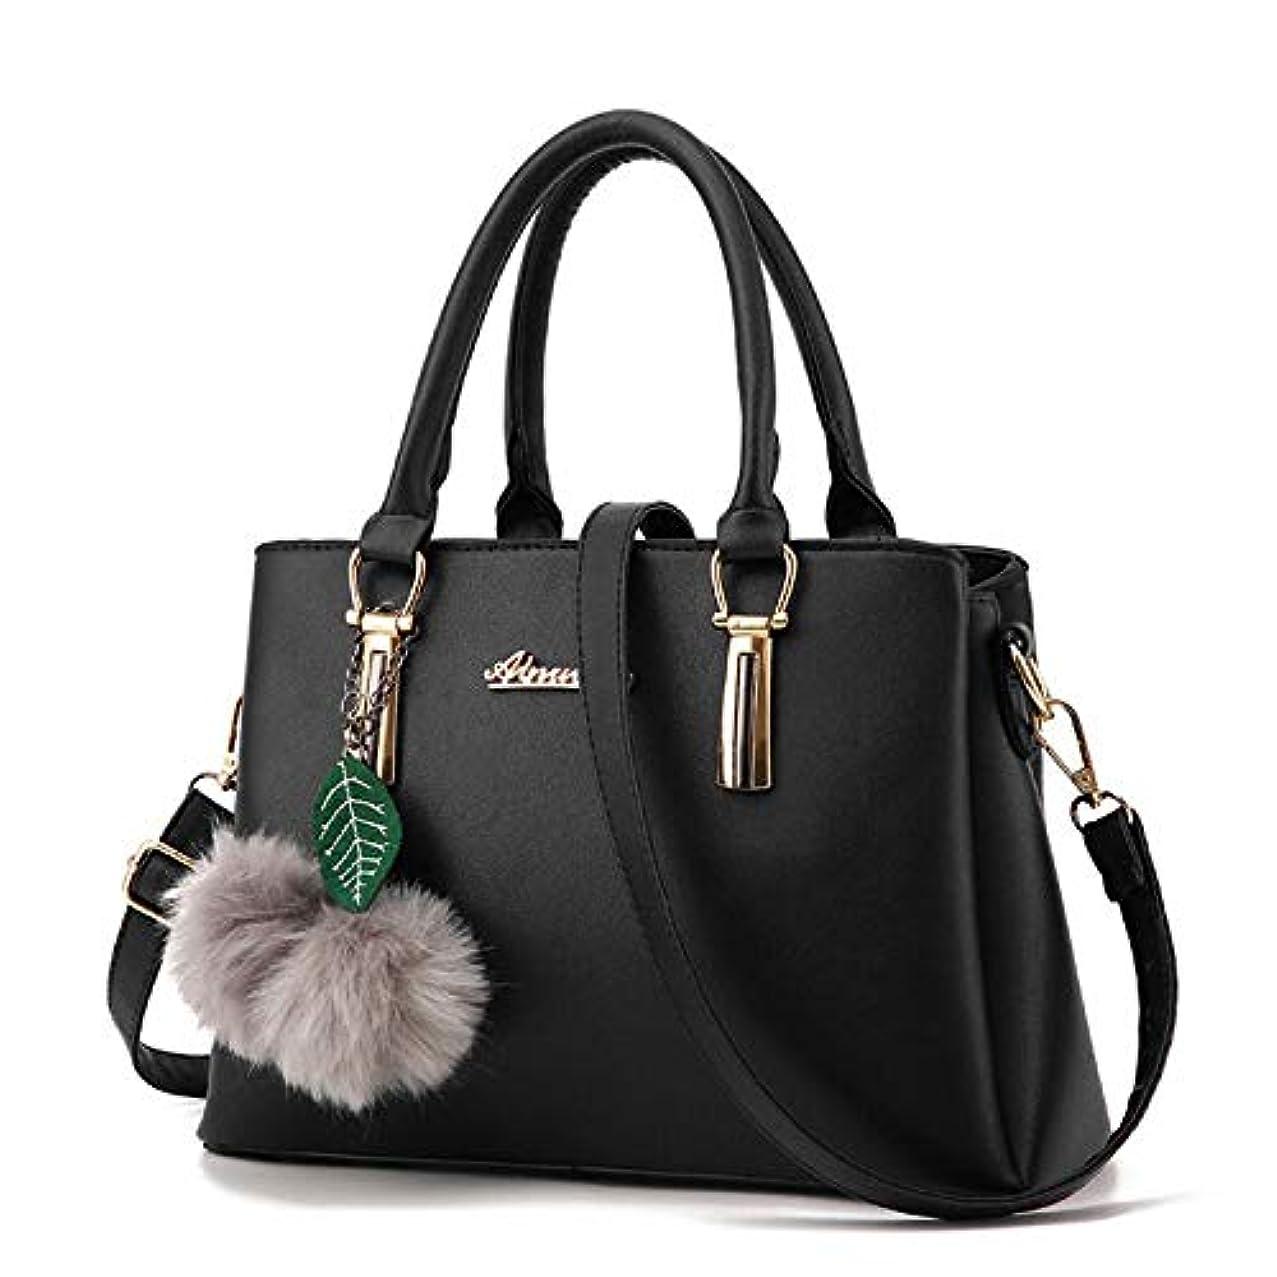 コミット否認するファブリックファッション > レディース > バッグ?財布 > バッグ > ショルダーバッグ/New Women Lady Hairball Leather Shoulder Handbags Crossbody Messenger Bag